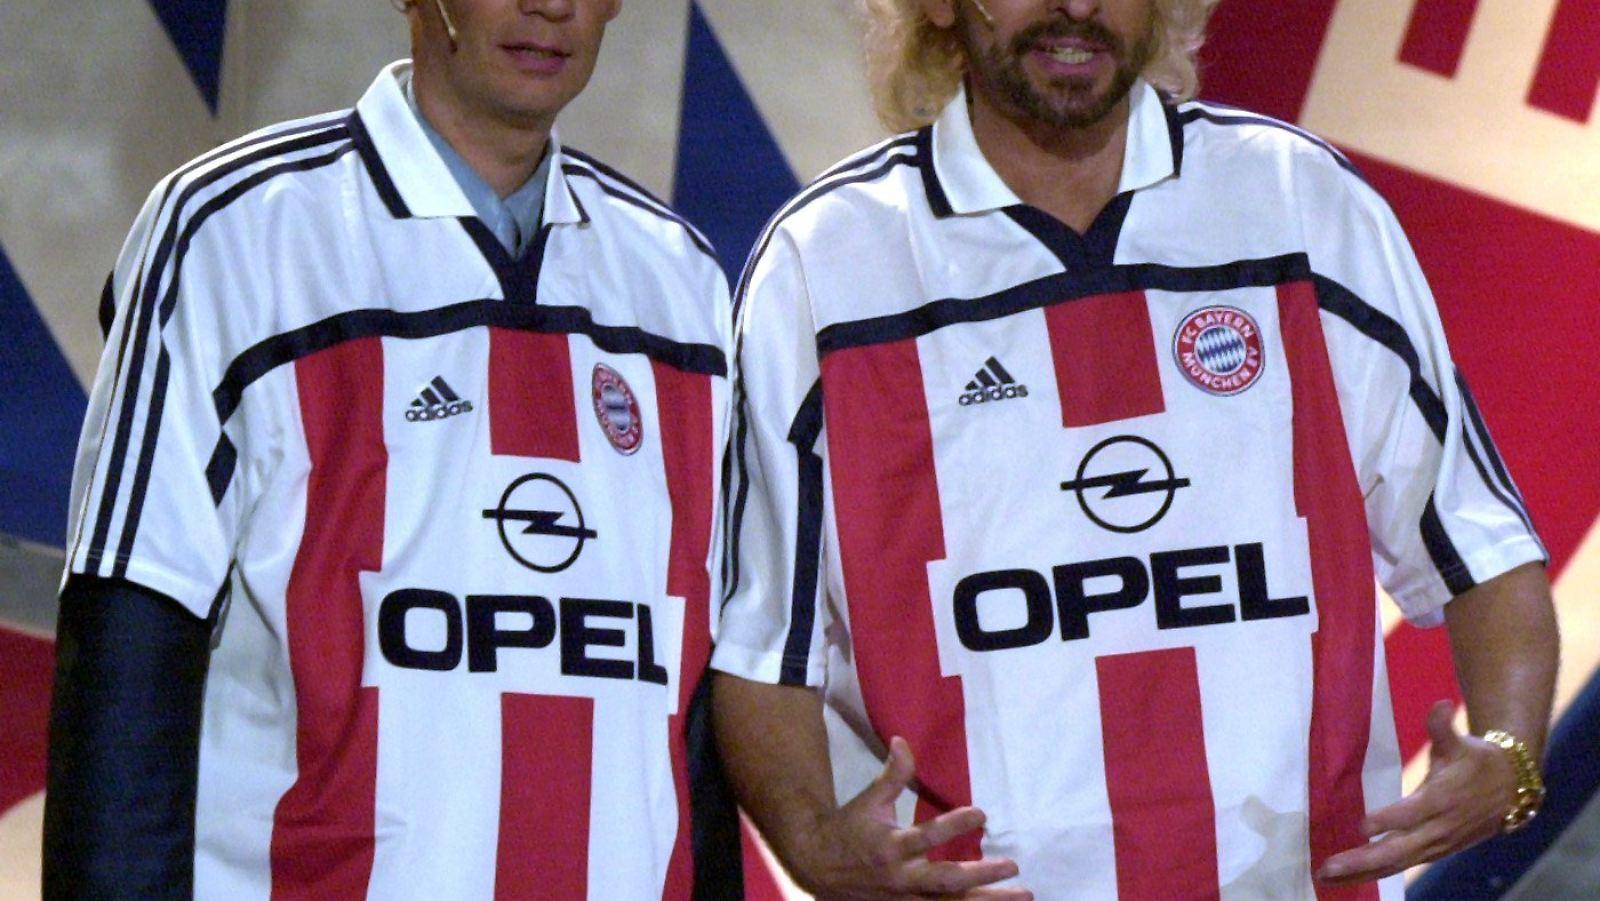 Adidas Deutscher Fussball Bund Mens XL Shirt White Jogis Joker 14 fur Rio Football Jersey